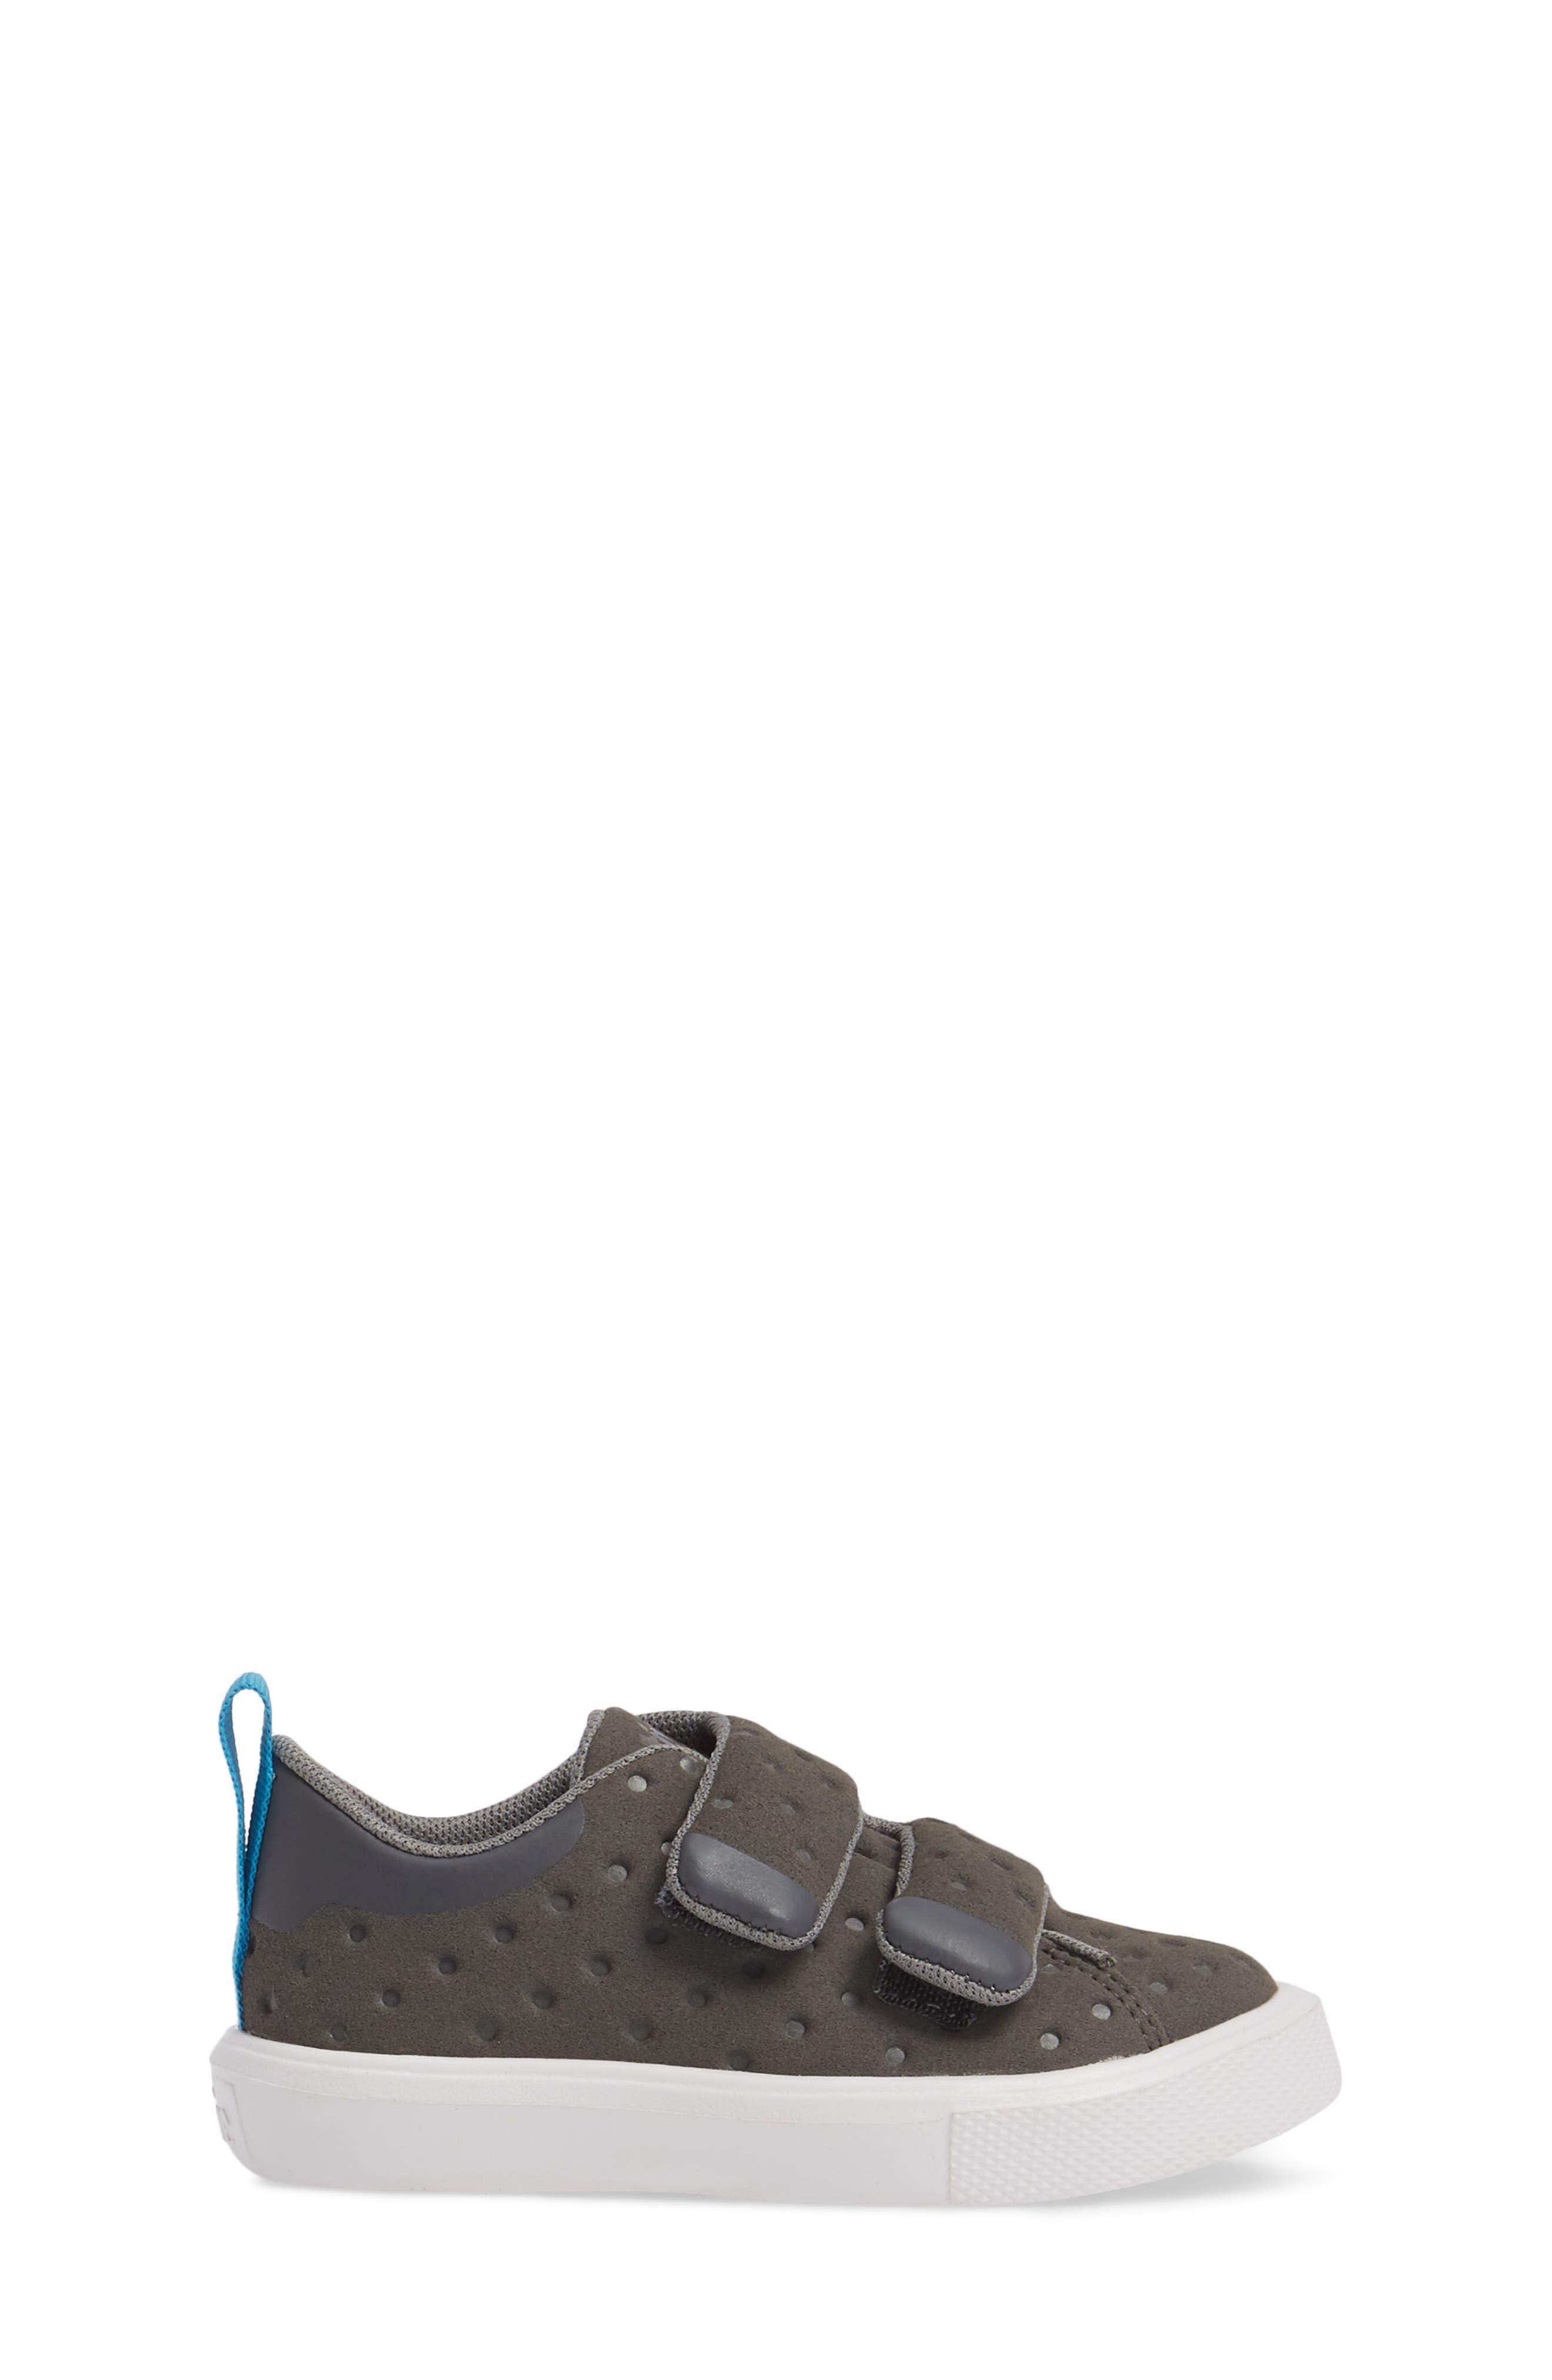 Monaco Sneaker,                             Alternate thumbnail 3, color,                             Dublin Grey/ Shell White